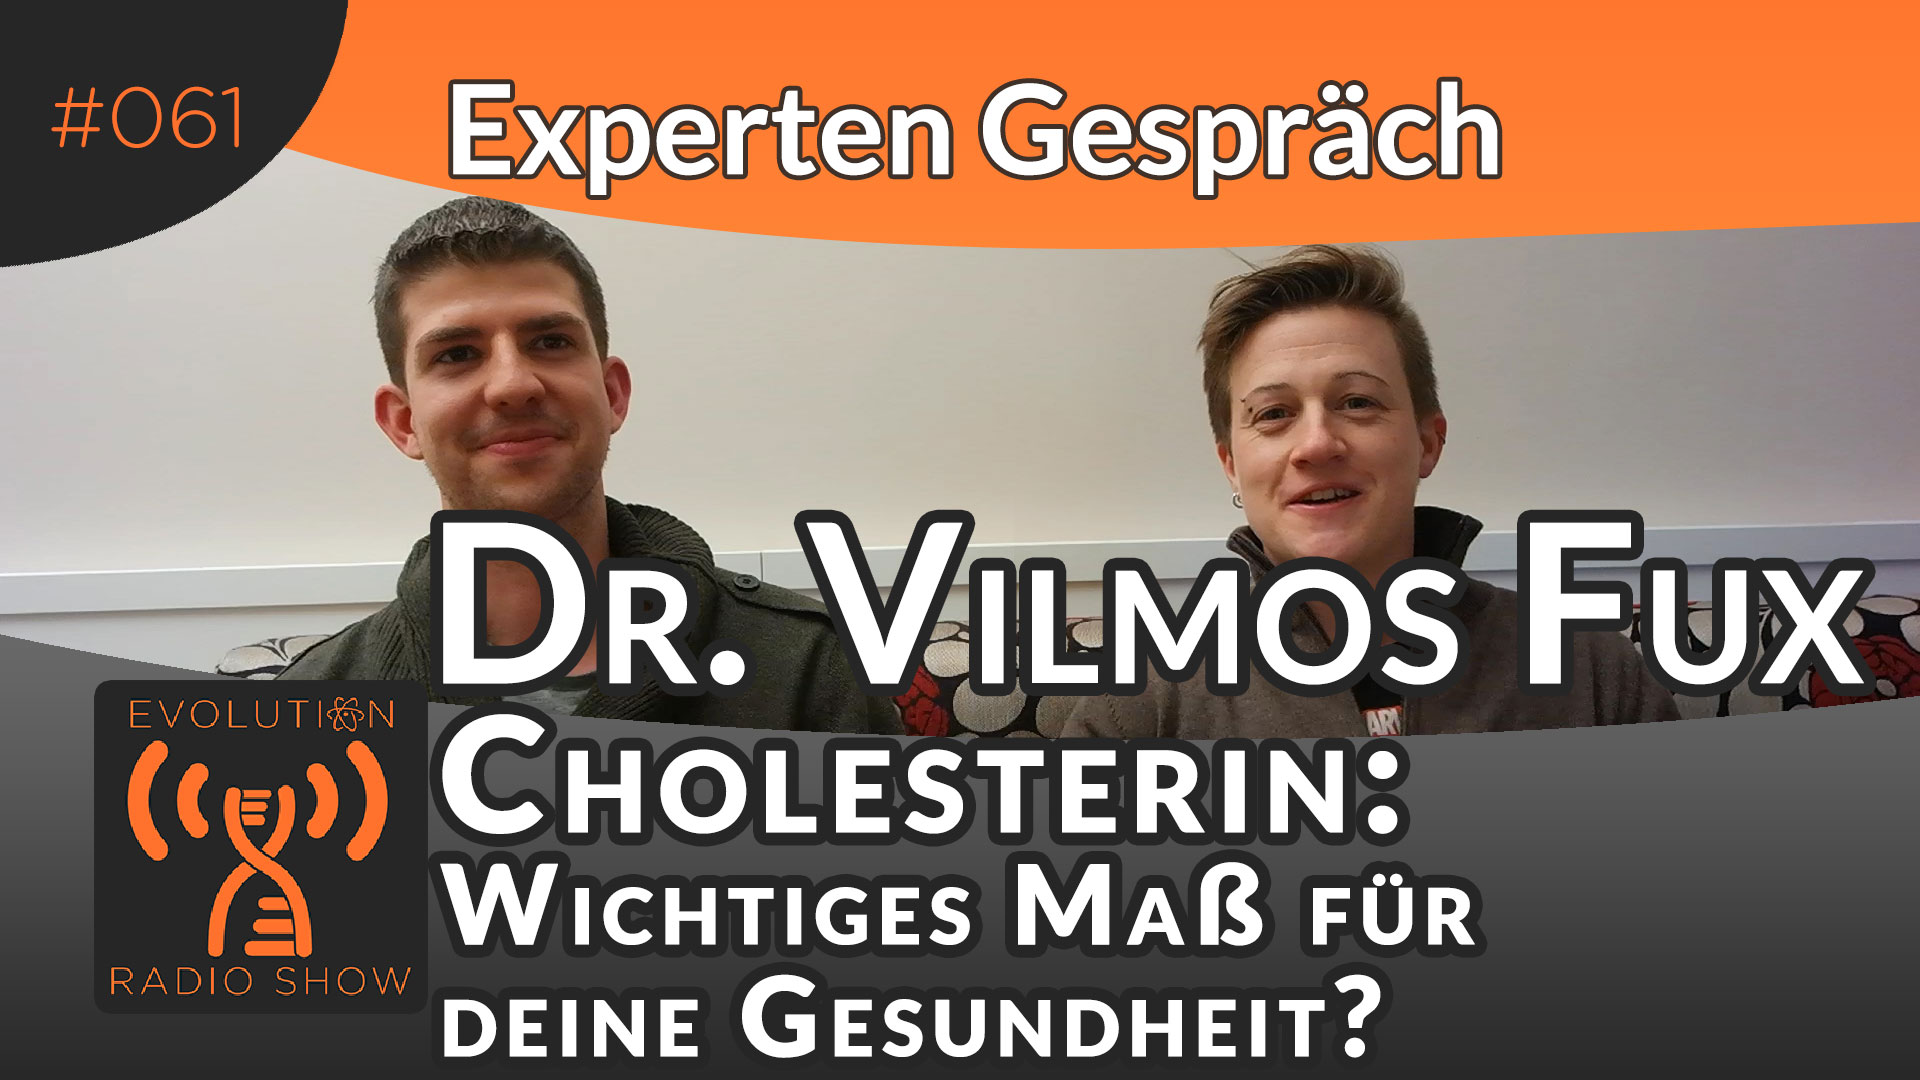 Evolution Radio Show Folge #061: Cholesterin: Wichtiges Maß für deine Gesundheit? Experte Dr. Vilmos Fux